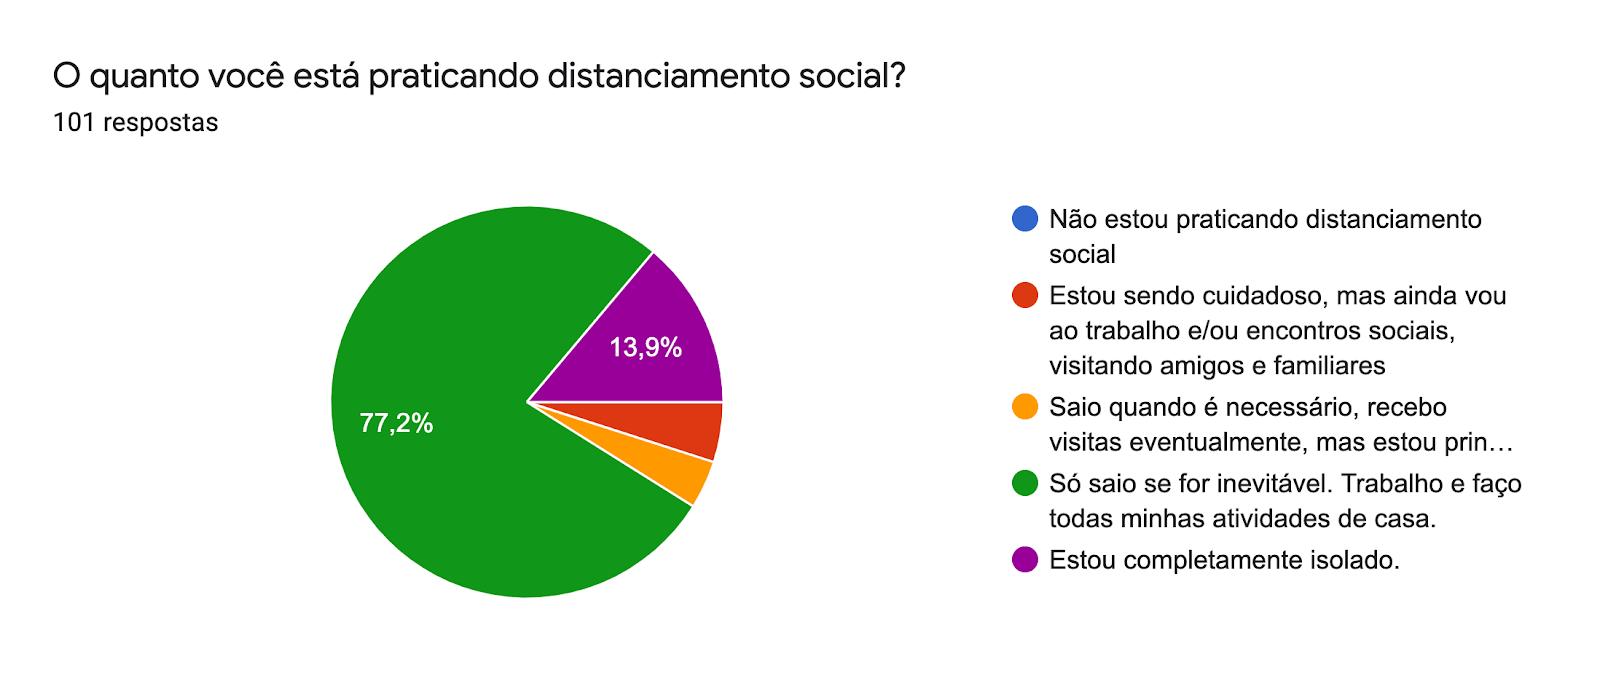 Gráfico de respostas do Formulários Google. Título da pergunta: O quanto você está praticando distanciamento social?. Número de respostas: 101 respostas.